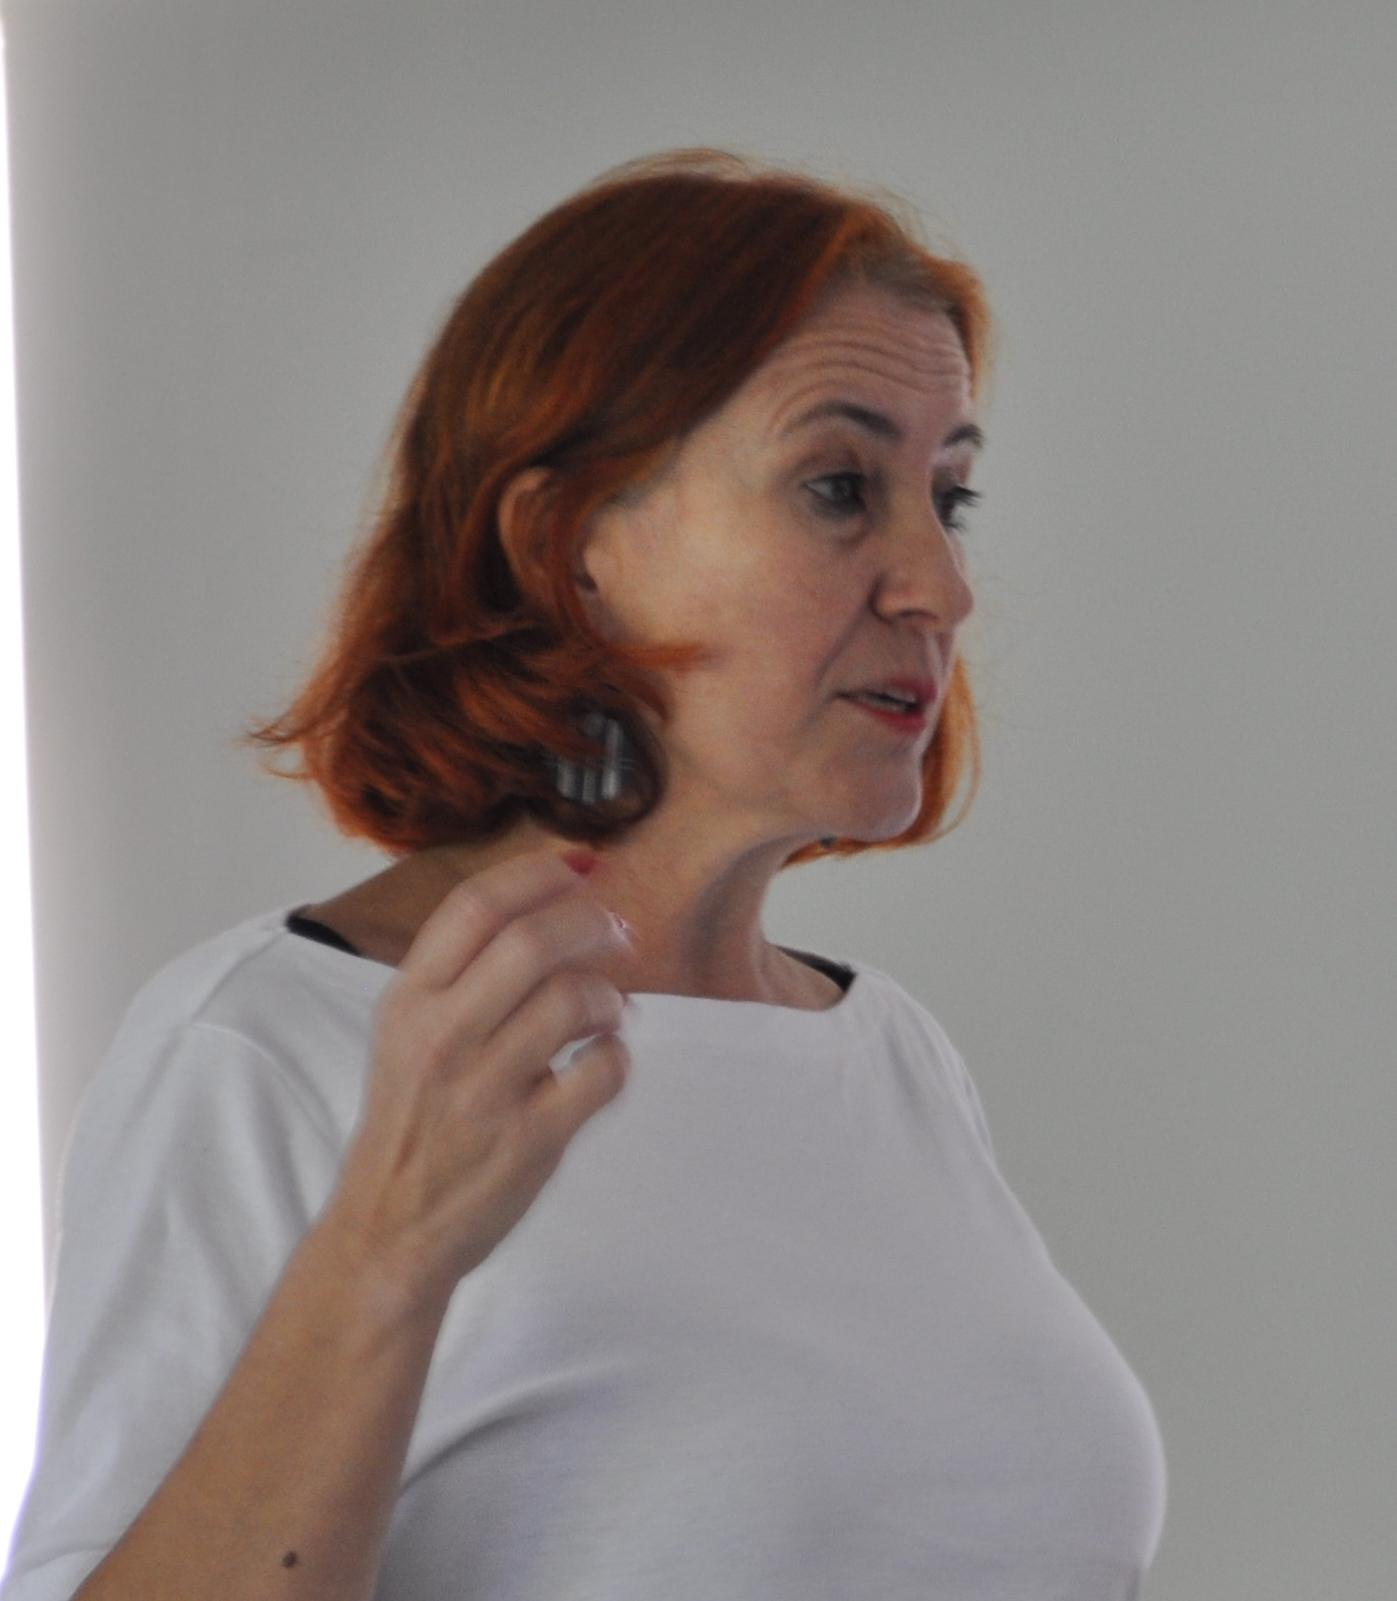 Para la Dra. Melero el Acceso Abierto permite mayor visibilidad, mayor impacto, acelaramiento del proceso de comunicación, etc.